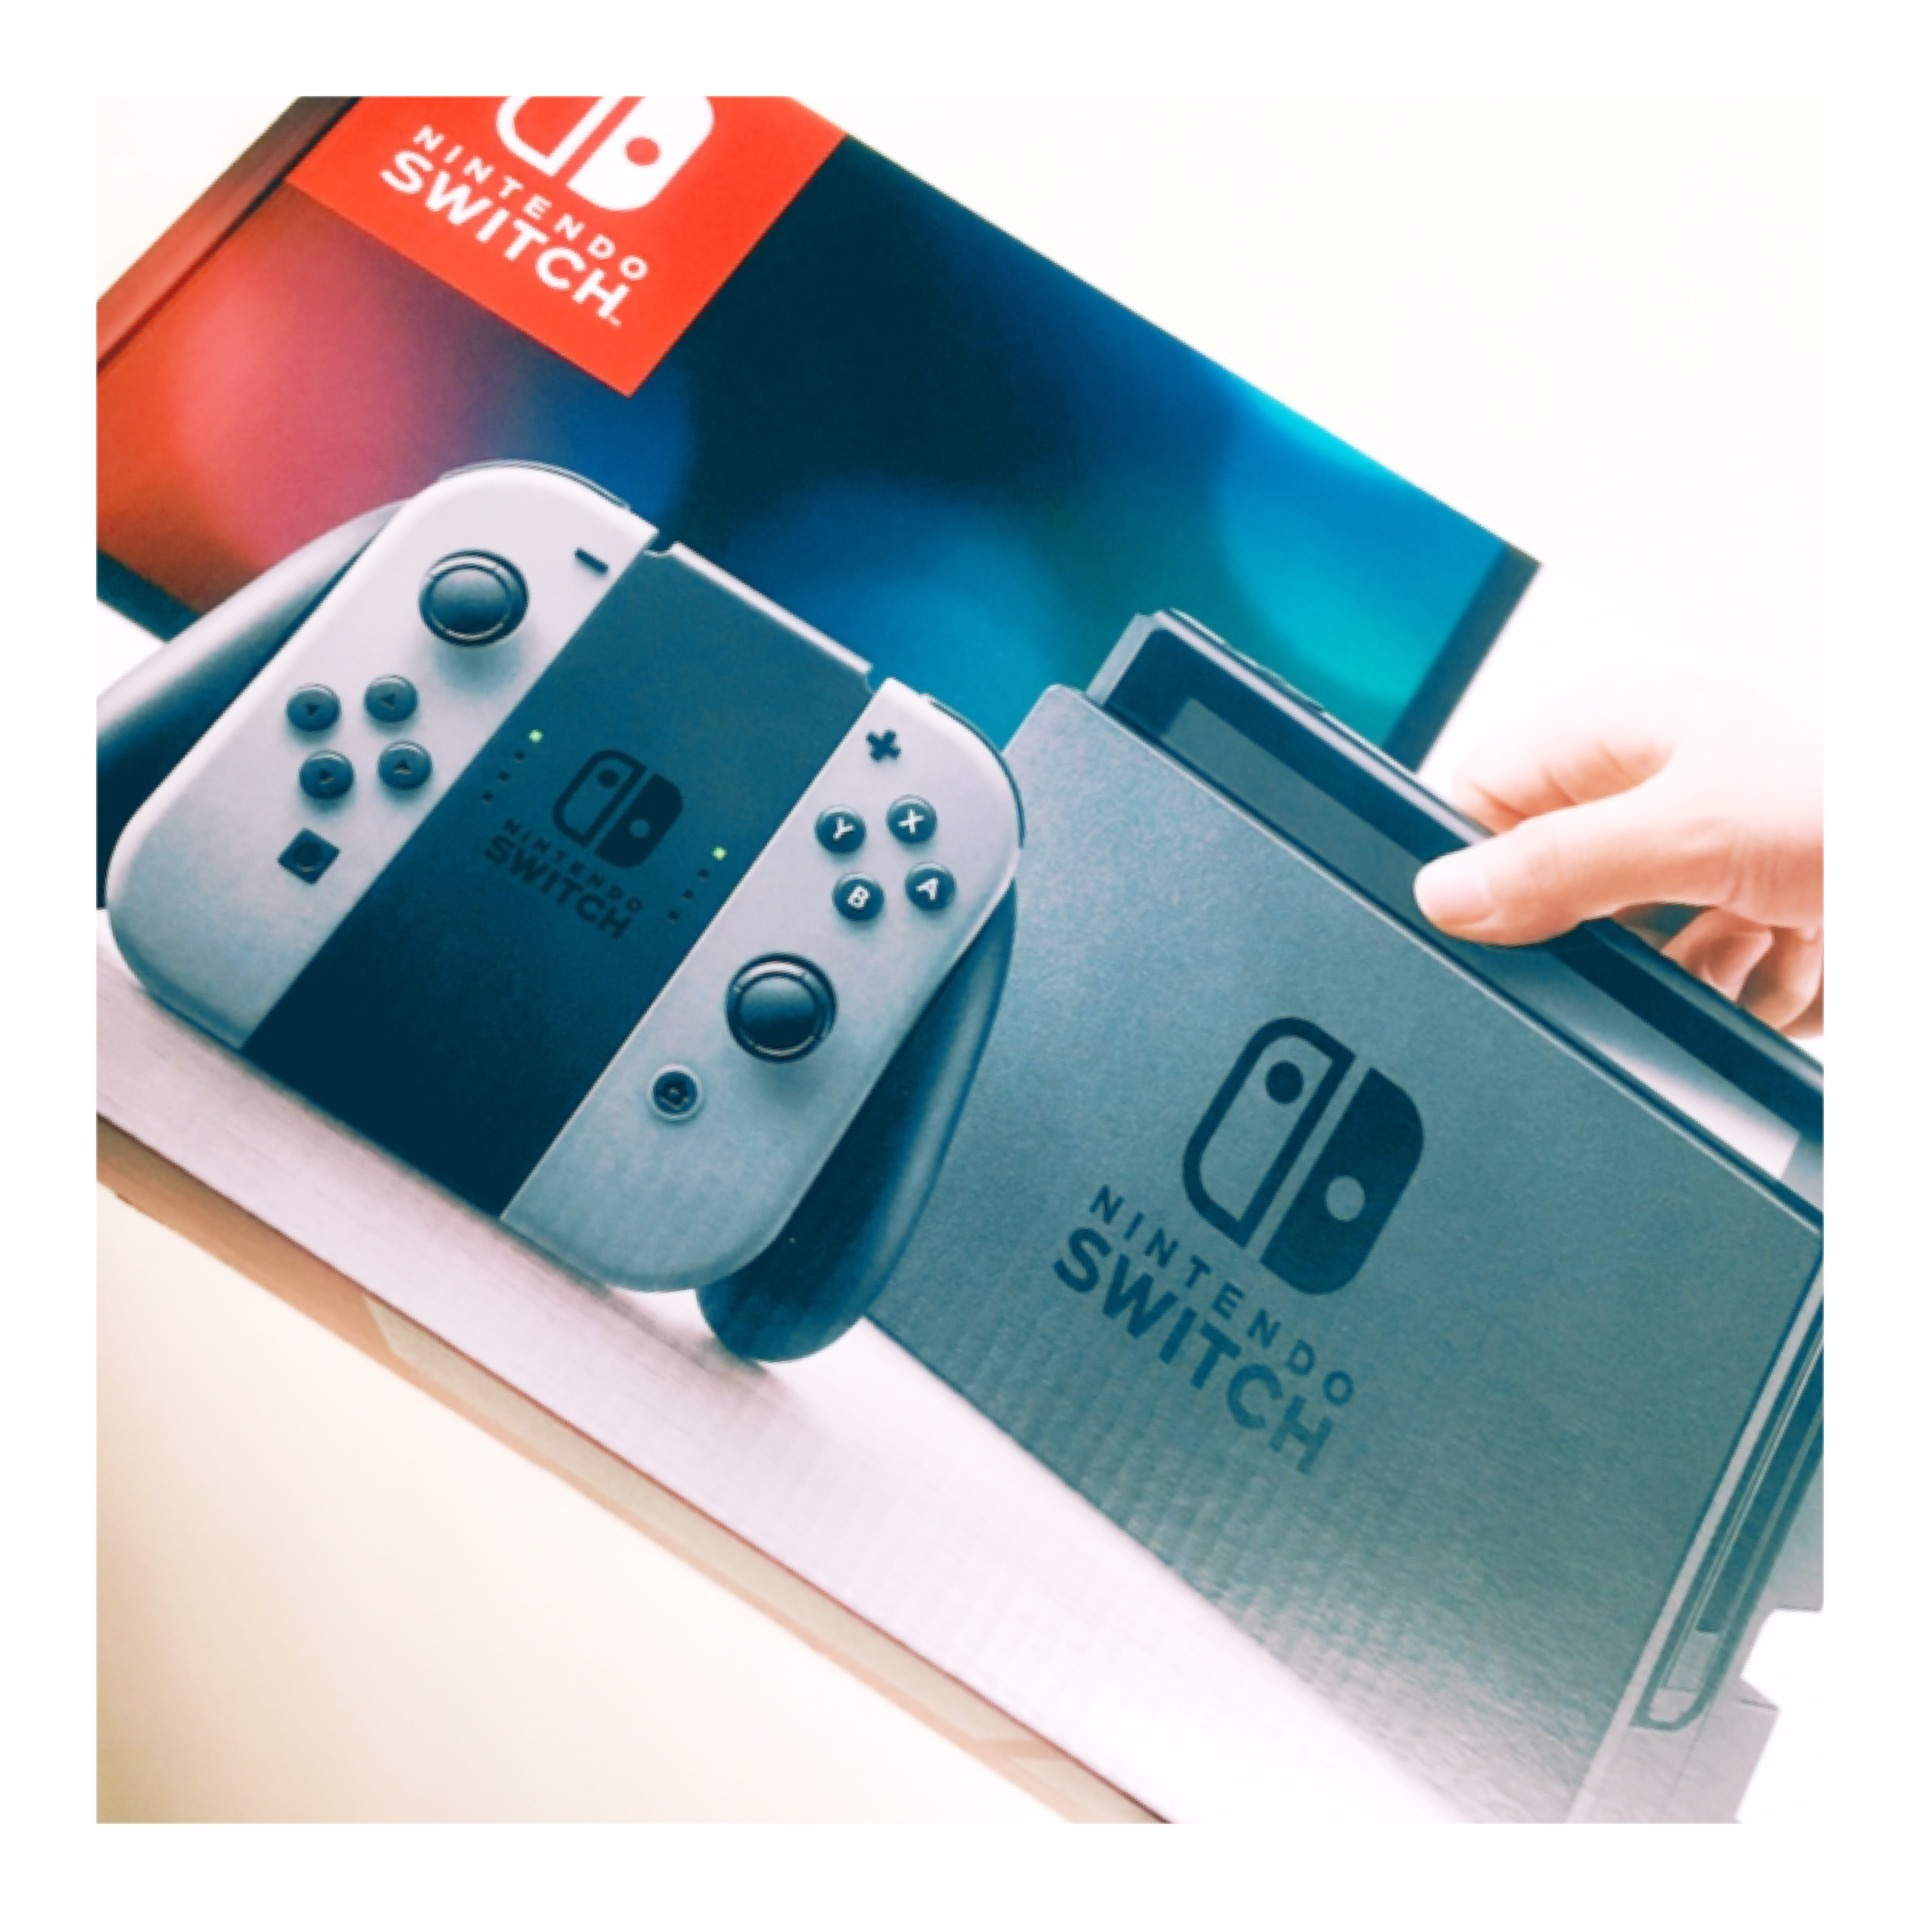 ゲーマー女子♡大人気で入手困難!?『 Nintendo switch 』_1_1